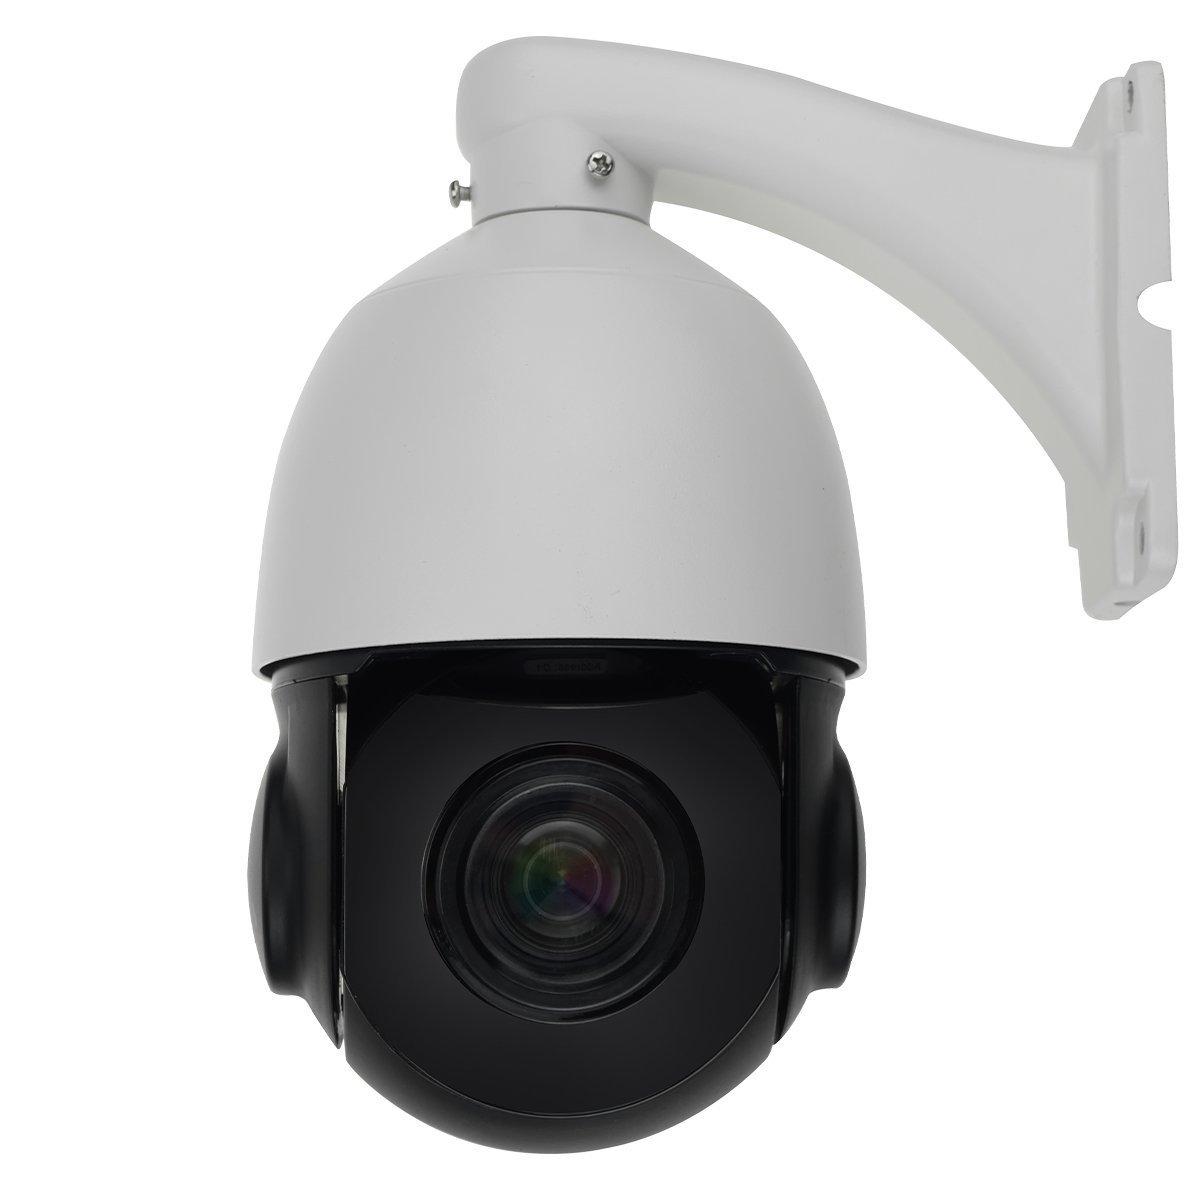 超高品質で人気の PTZカメラ光学式20倍ズーム、防水IP66屋外用 B07DJ2HLJL 4.5インチ2MP P2Pの遠隔リモート監視、夜間赤外線撮影距離60m 4.5インチ2MP B07DJ2HLJL, ドールハウス Morefun:6df0142e --- martinemoeykens-com.access.secure-ssl-servers.info